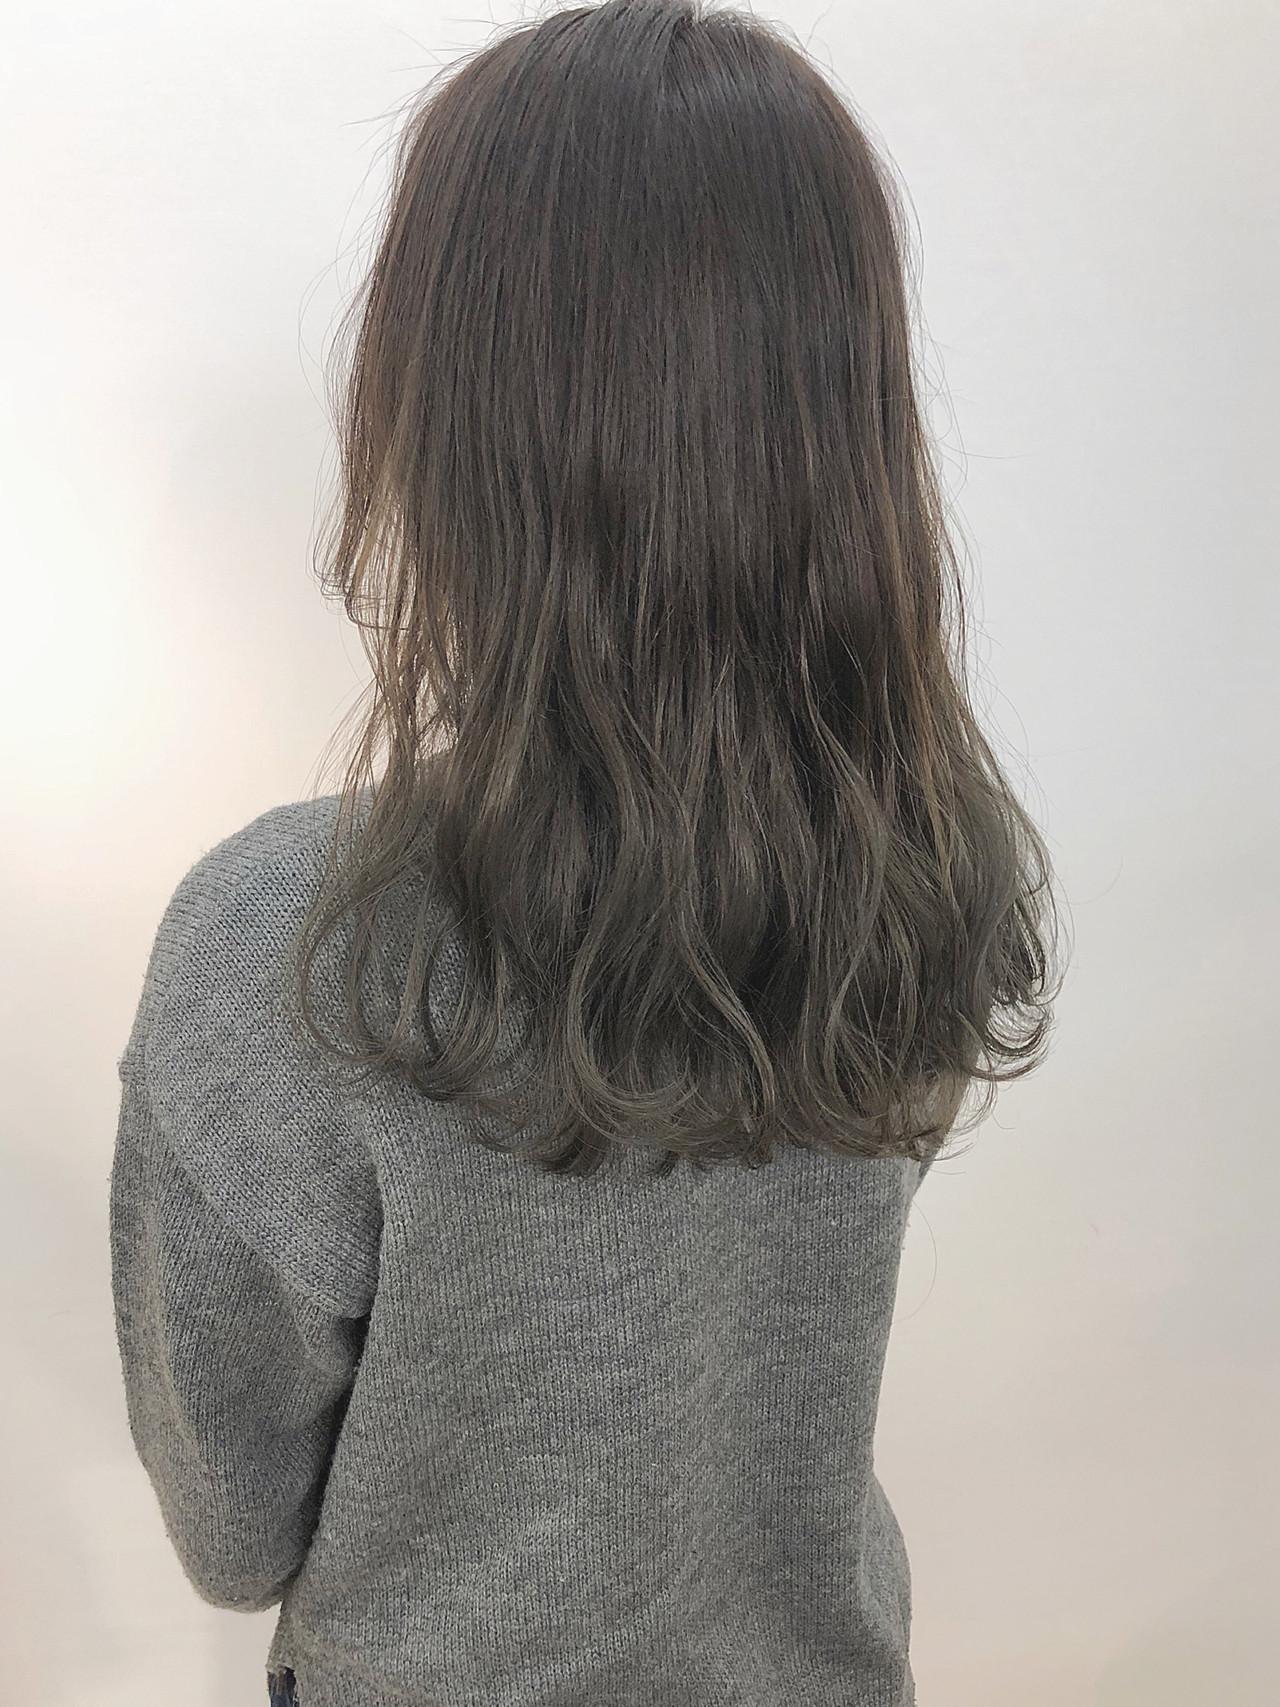 アッシュグレージュ グレーアッシュ くすみカラー オリーブアッシュ ヘアスタイルや髪型の写真・画像